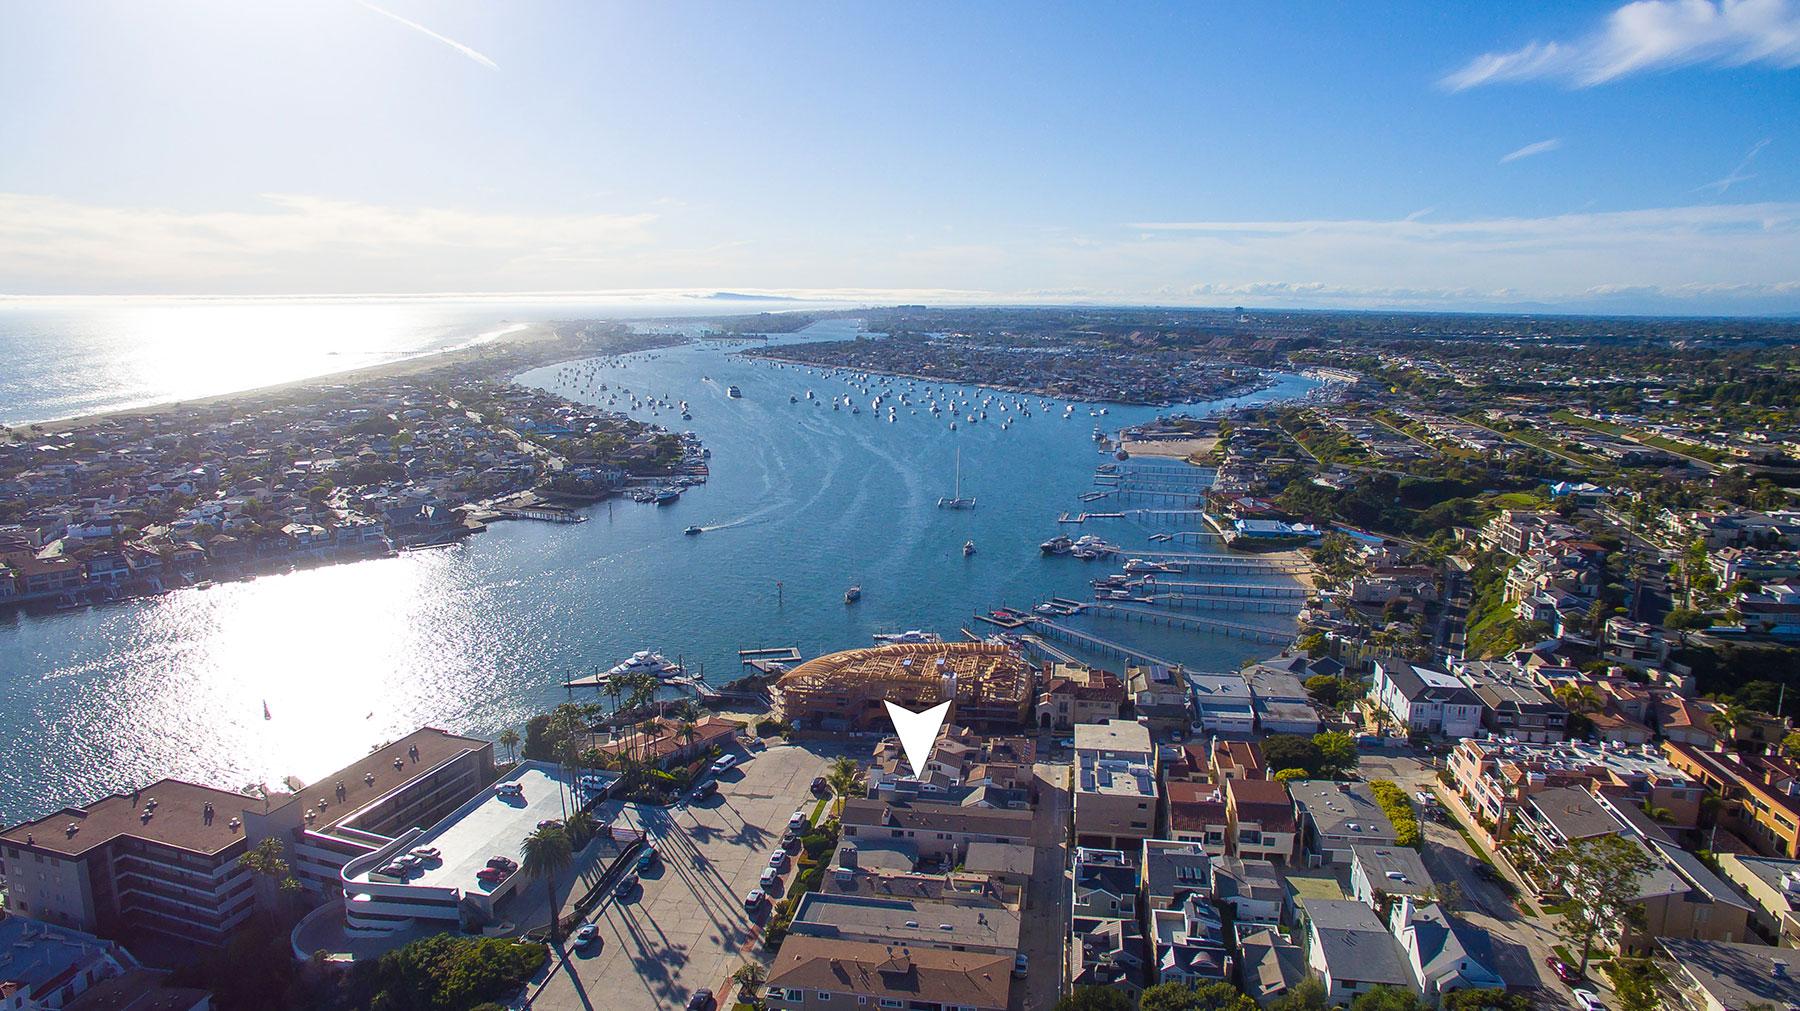 獨棟家庭住宅 為 出售 在 2508 Ocean Corona Del Mar, 加利福尼亞州, 92625 美國